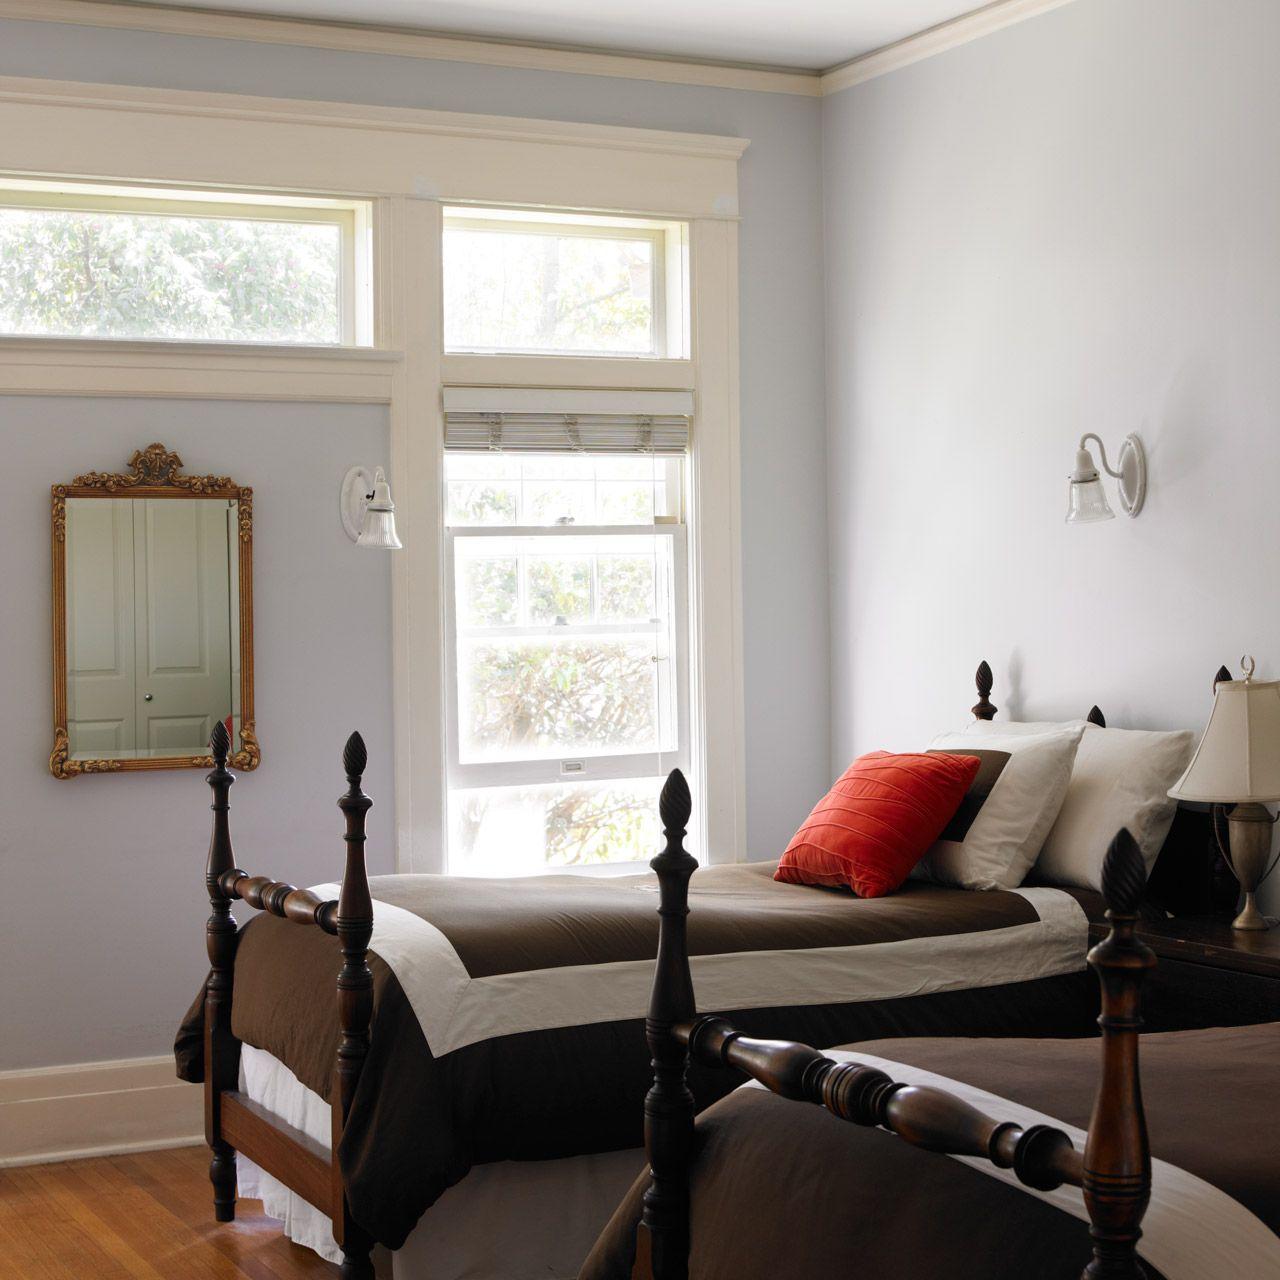 Dunn-Edwards Paints paint colors: Walls: Cold Wind DE6351; Trim: White